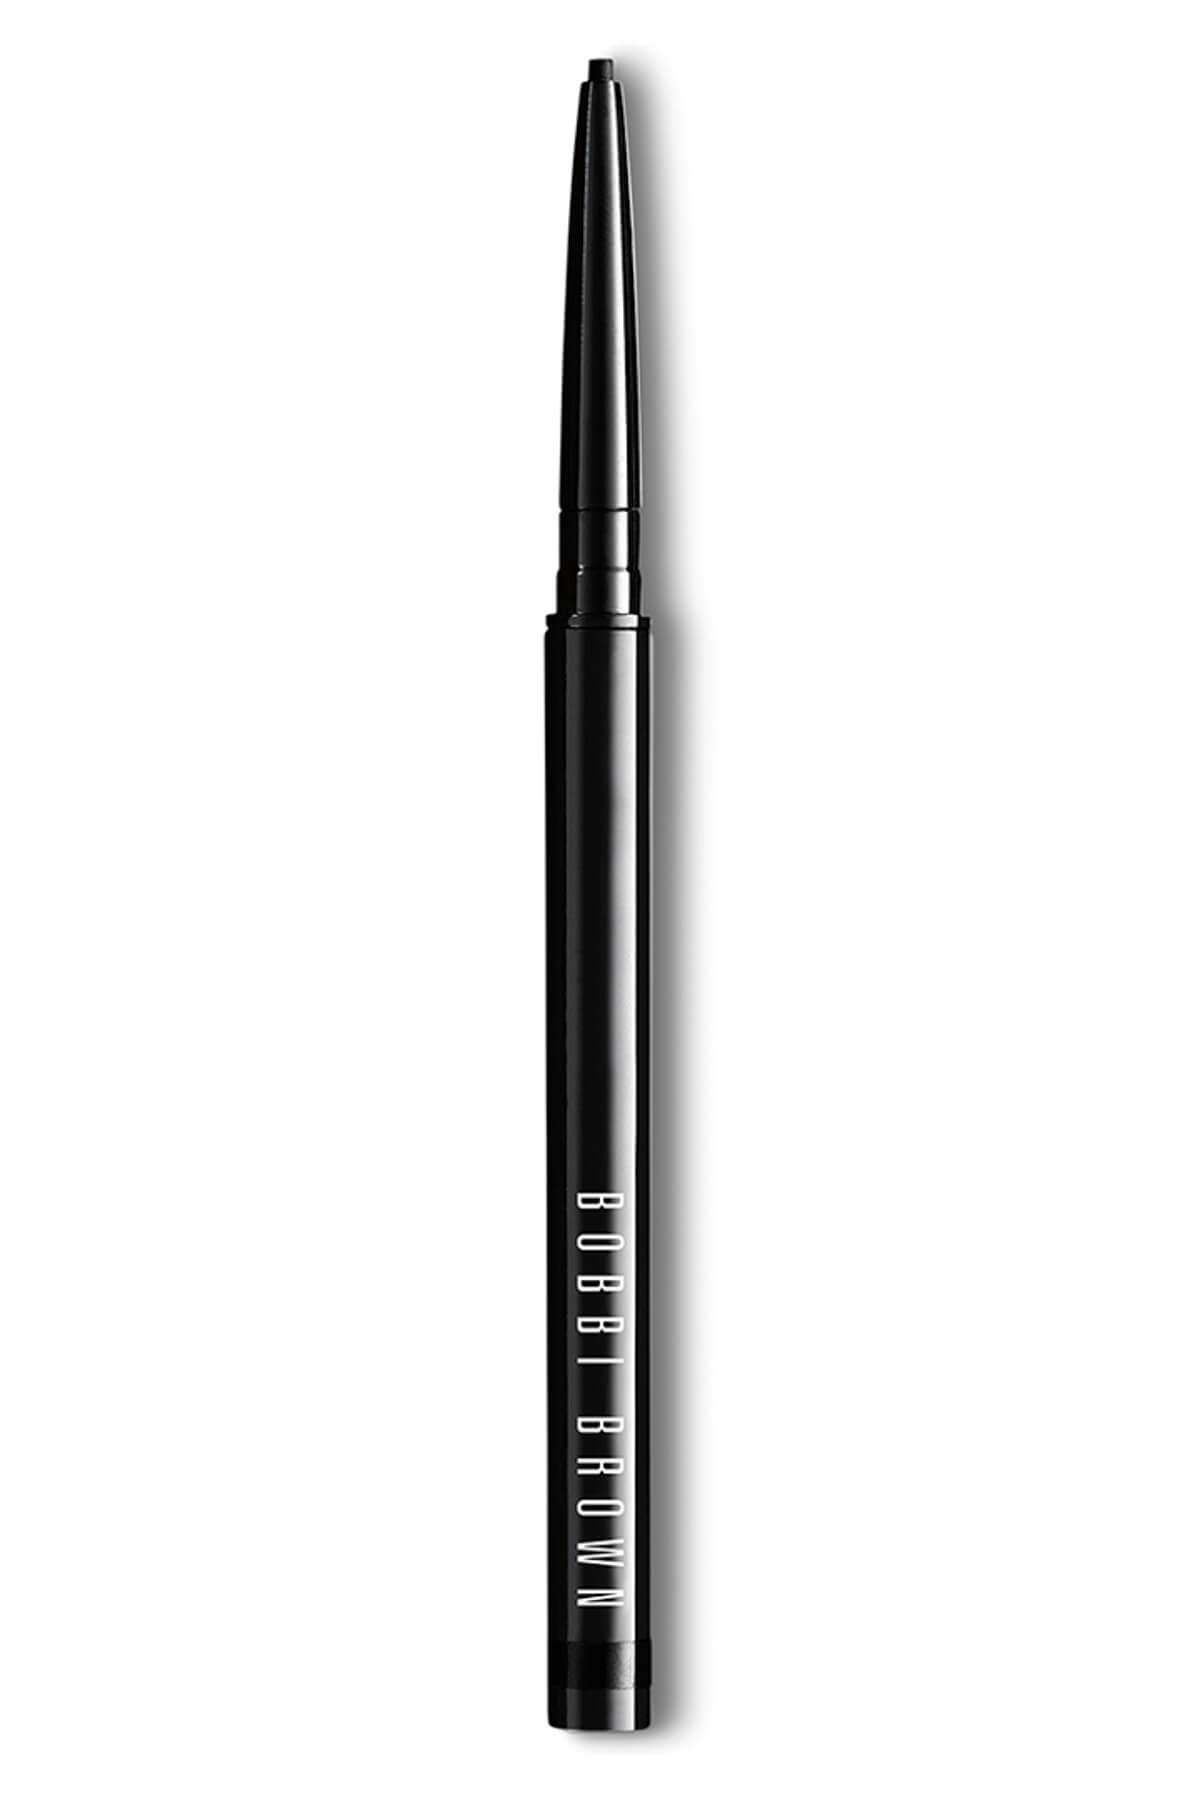 BOBBI BROWN Eyeliner - Long Wear Waterproof Liner Black Smoke 0.02 oz. 716170179445 1